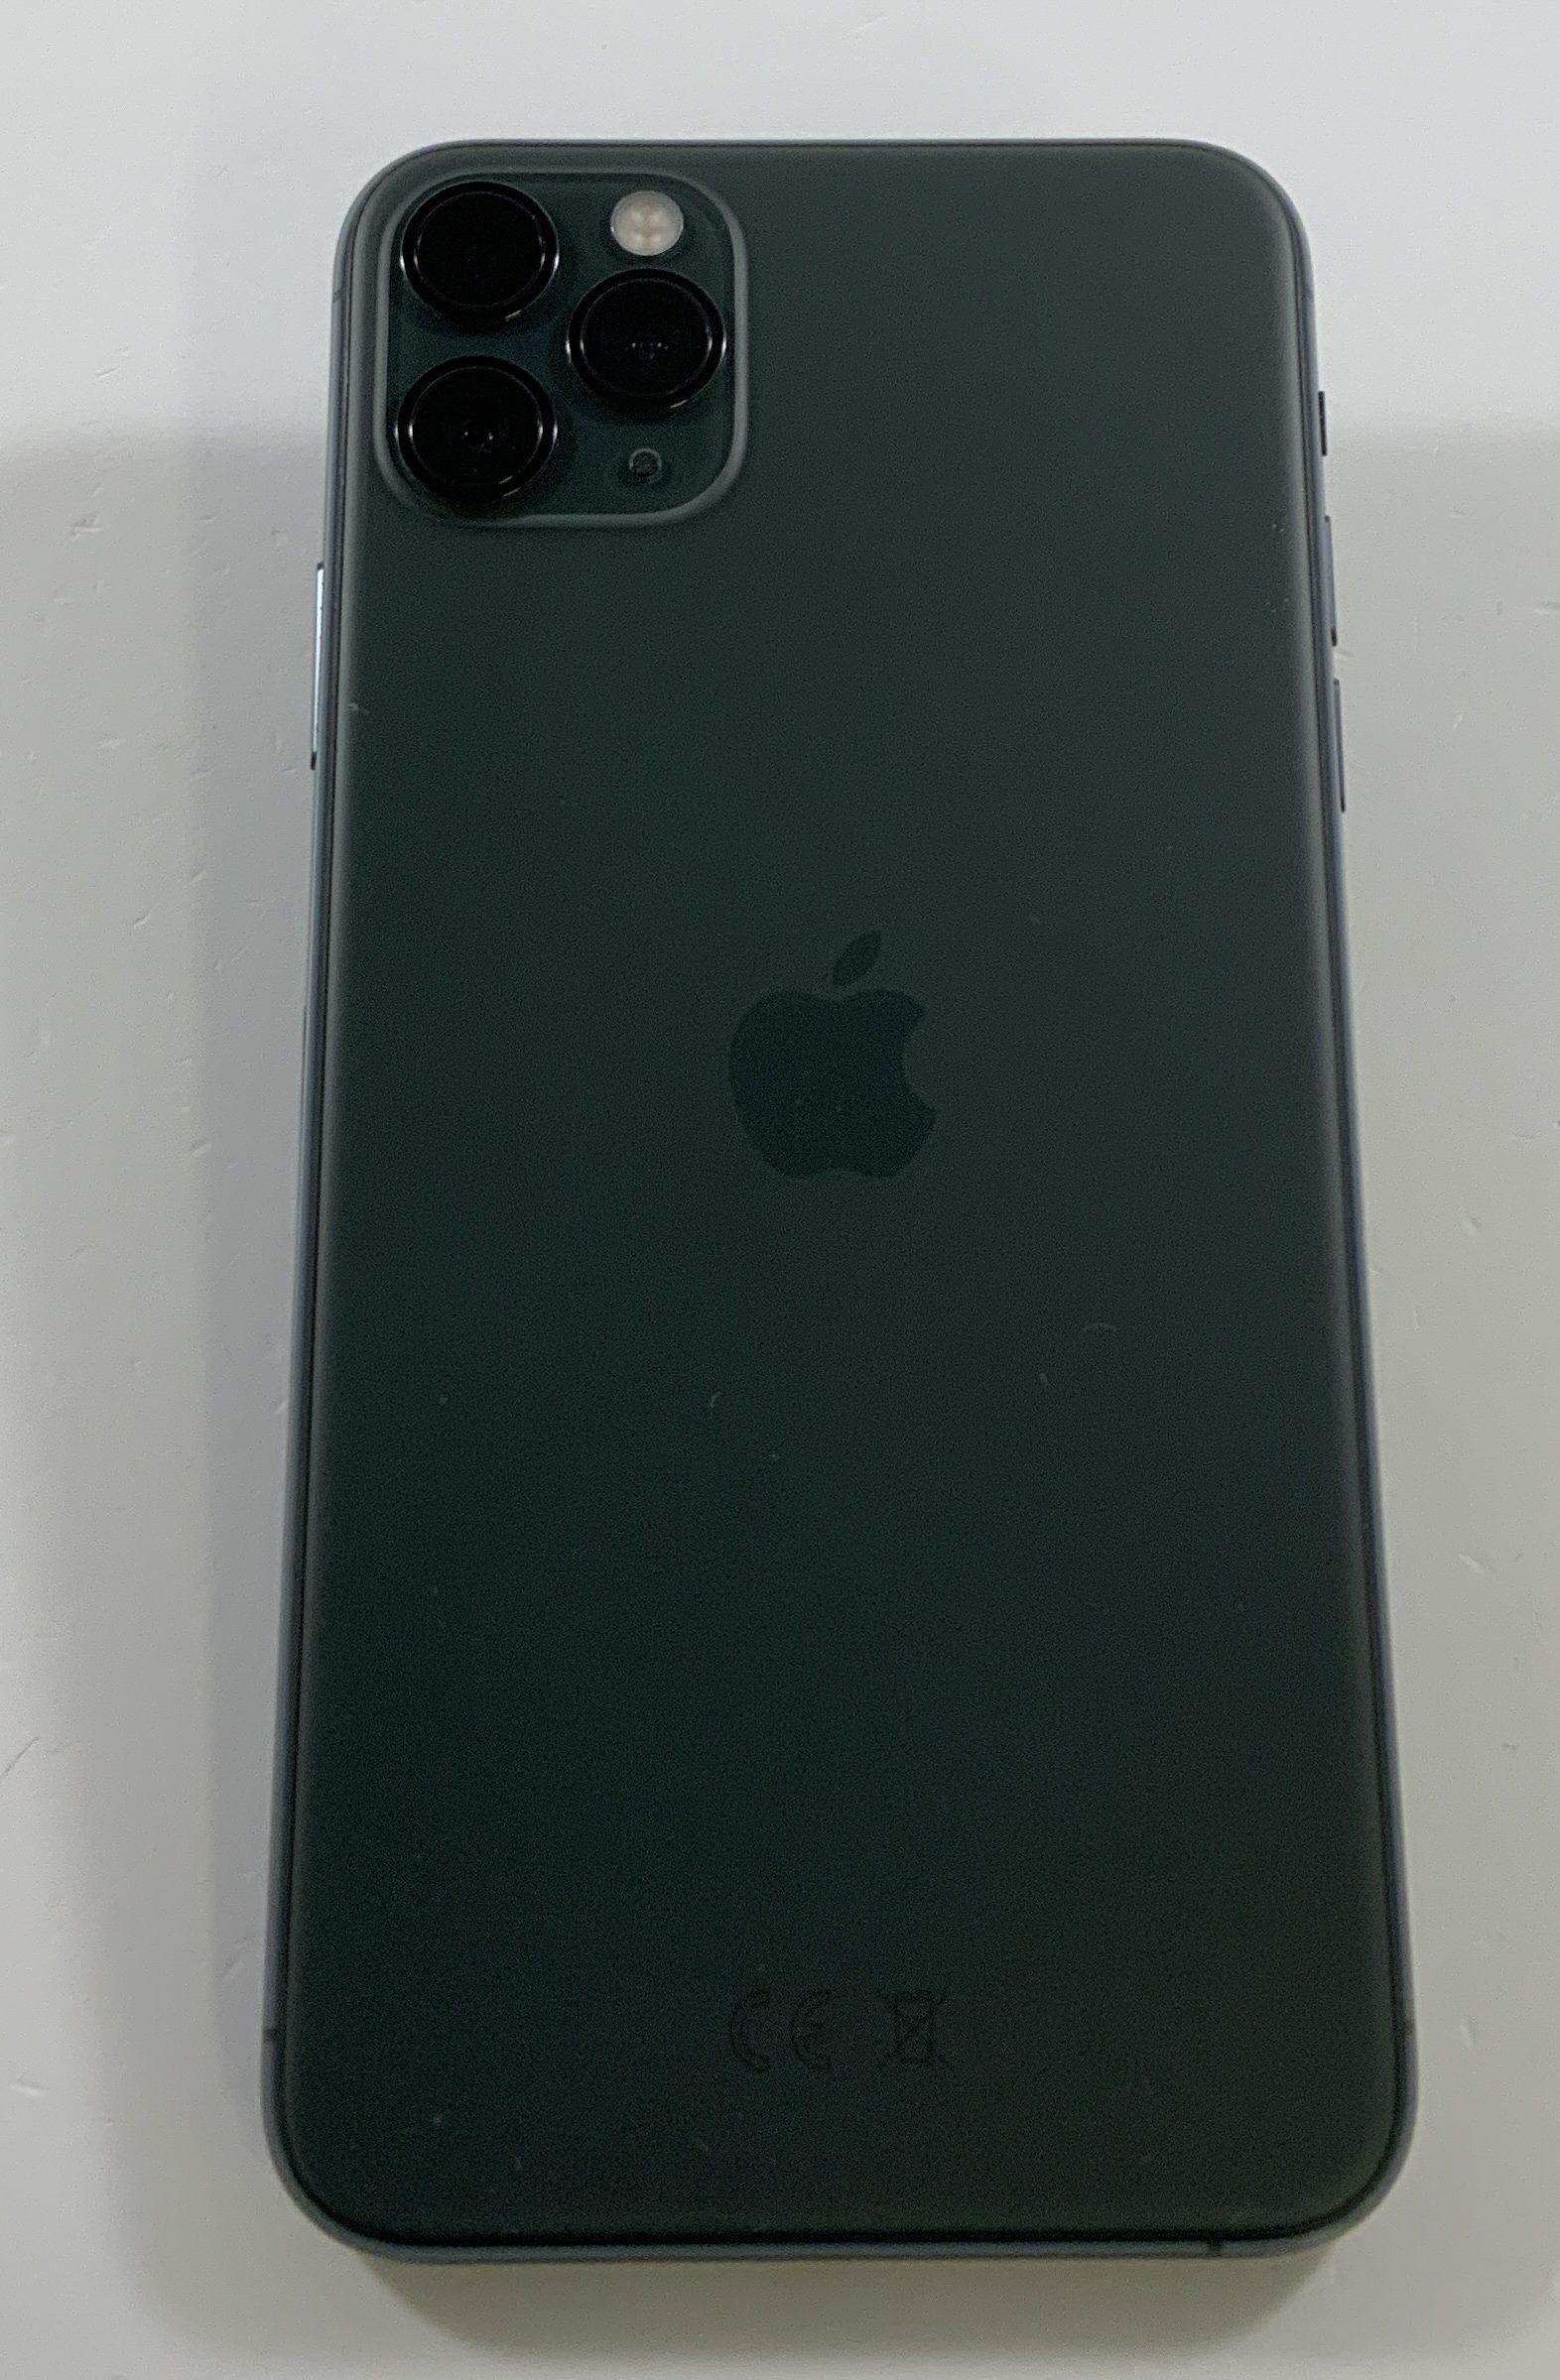 iPhone 11 Pro Max 512GB, 512GB, Midnight Green, obraz 3